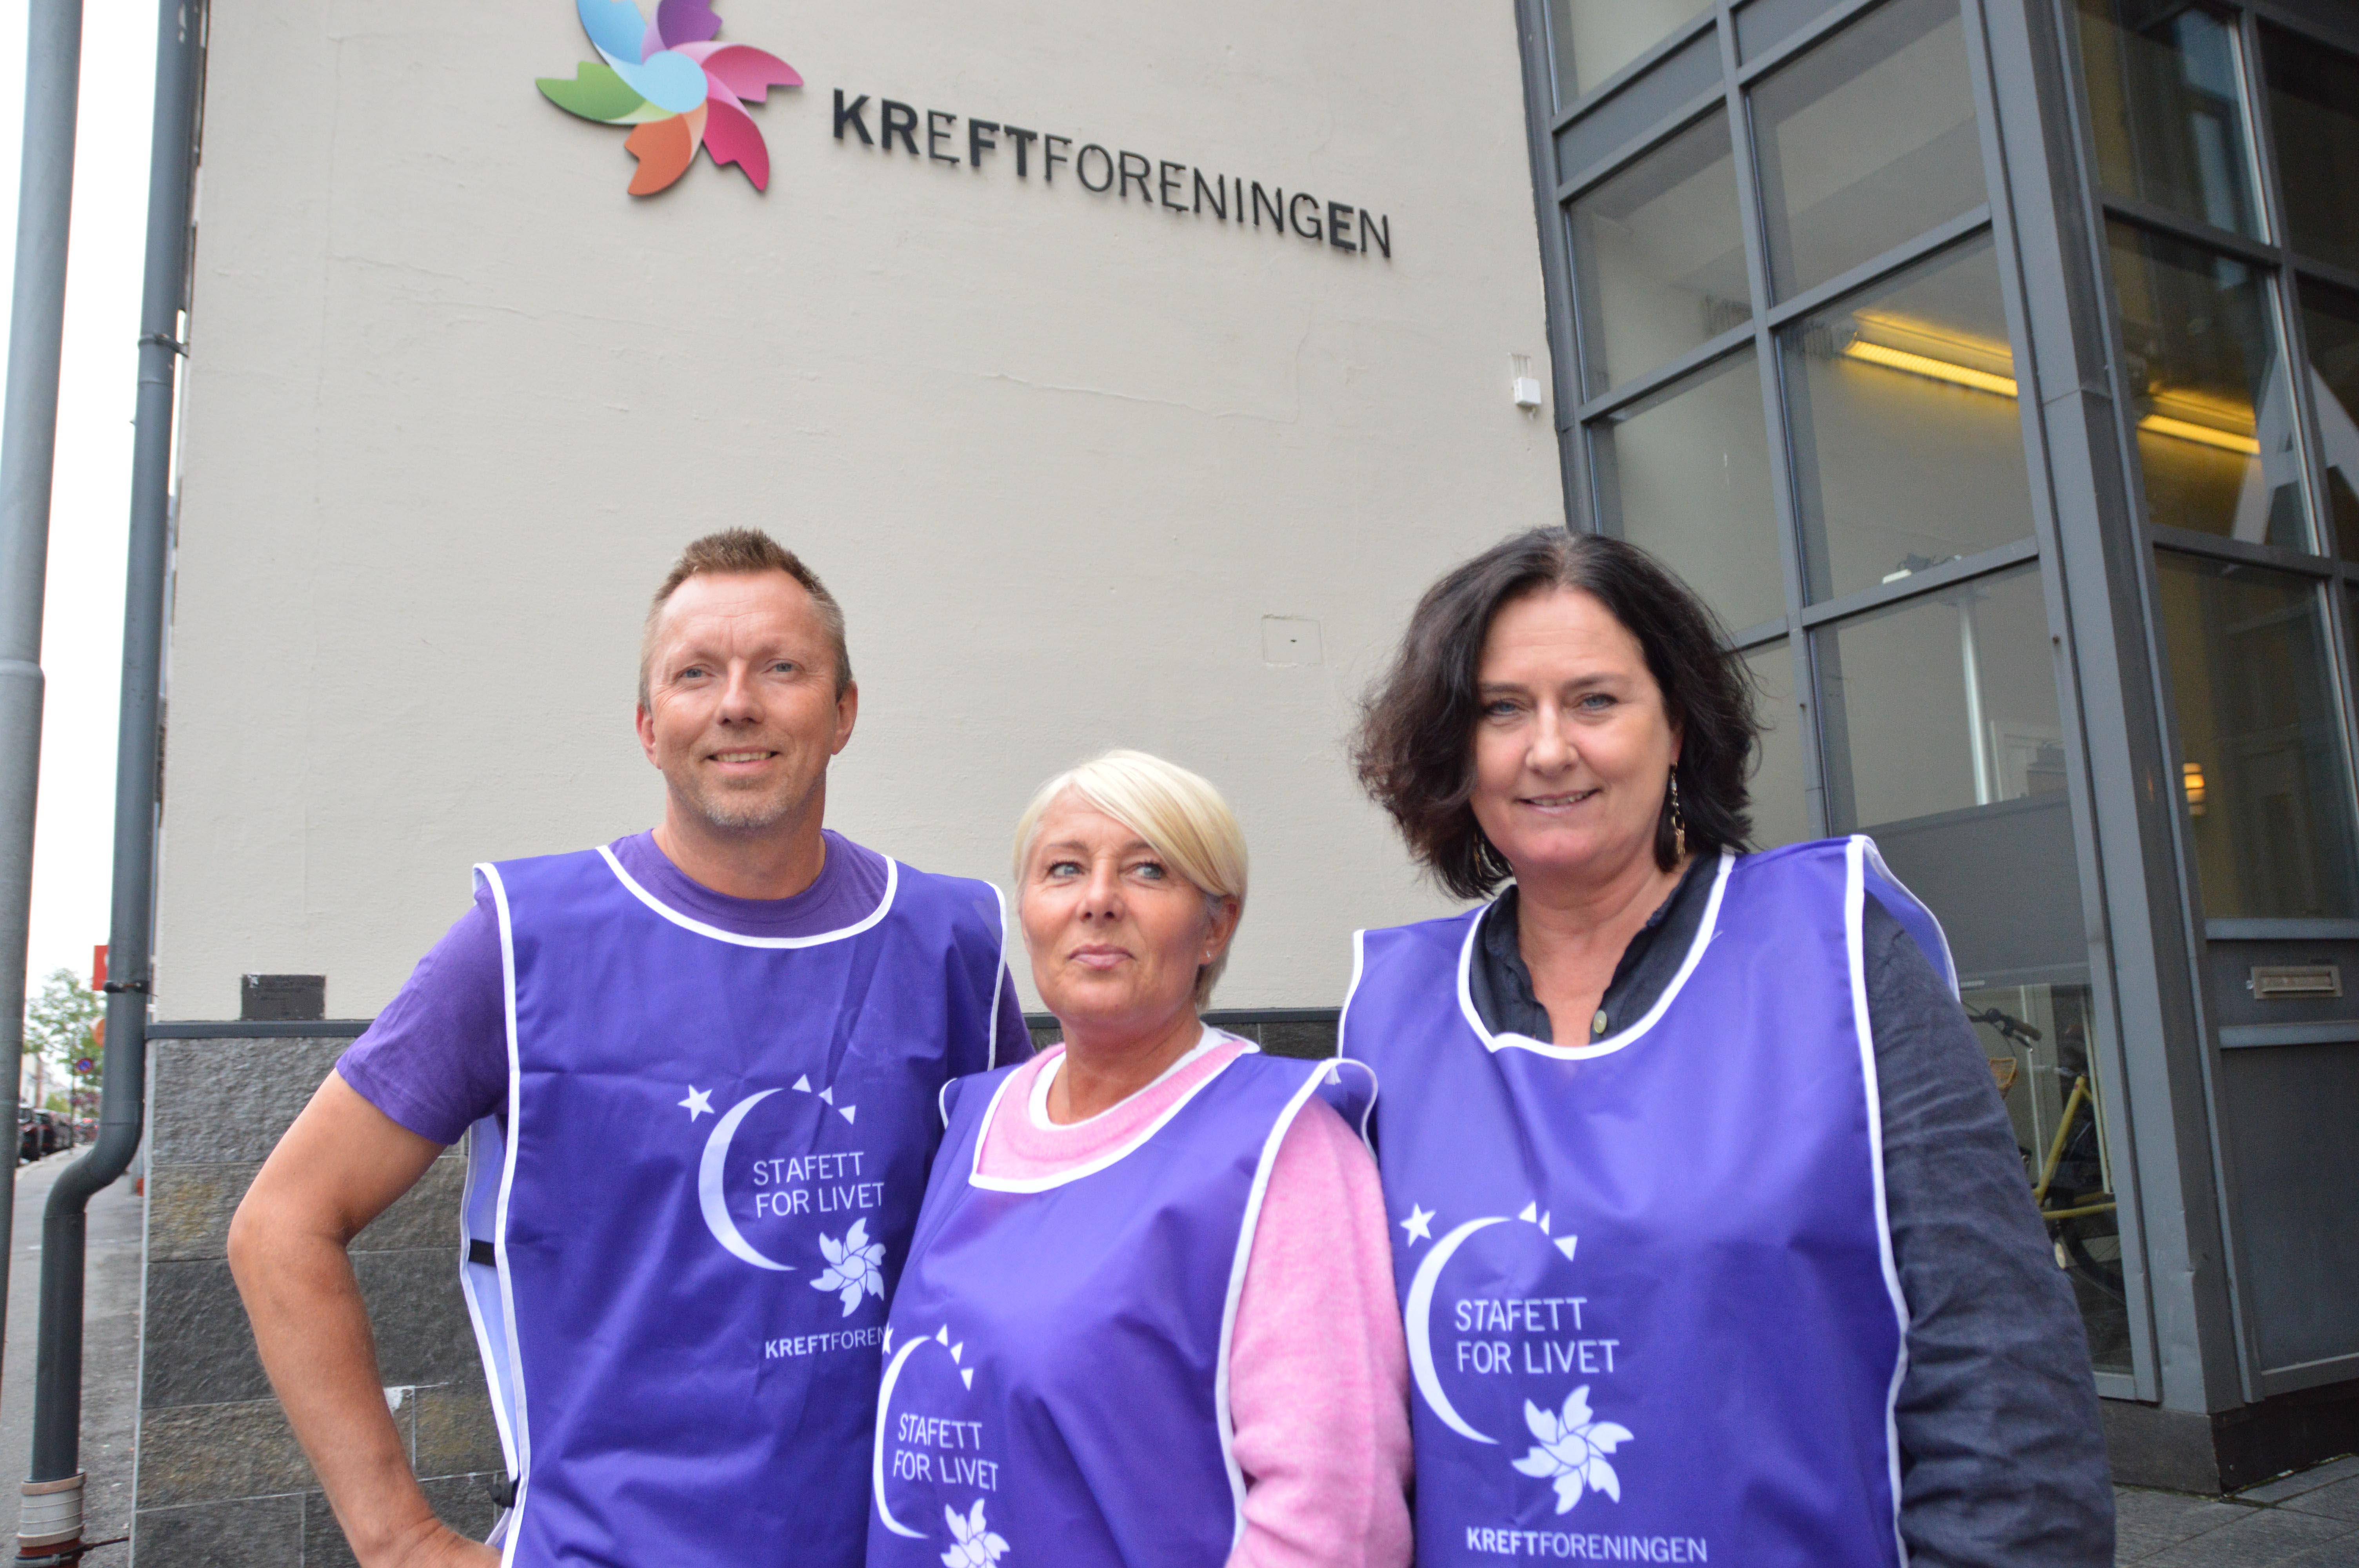 SAMLING:  Trude Vibeke Omland Nygaard, Cathrine Aanesen Og Geir Wehus Inviterer Alle Som Vil Til Stafett For Livet 8. Og 9. September.